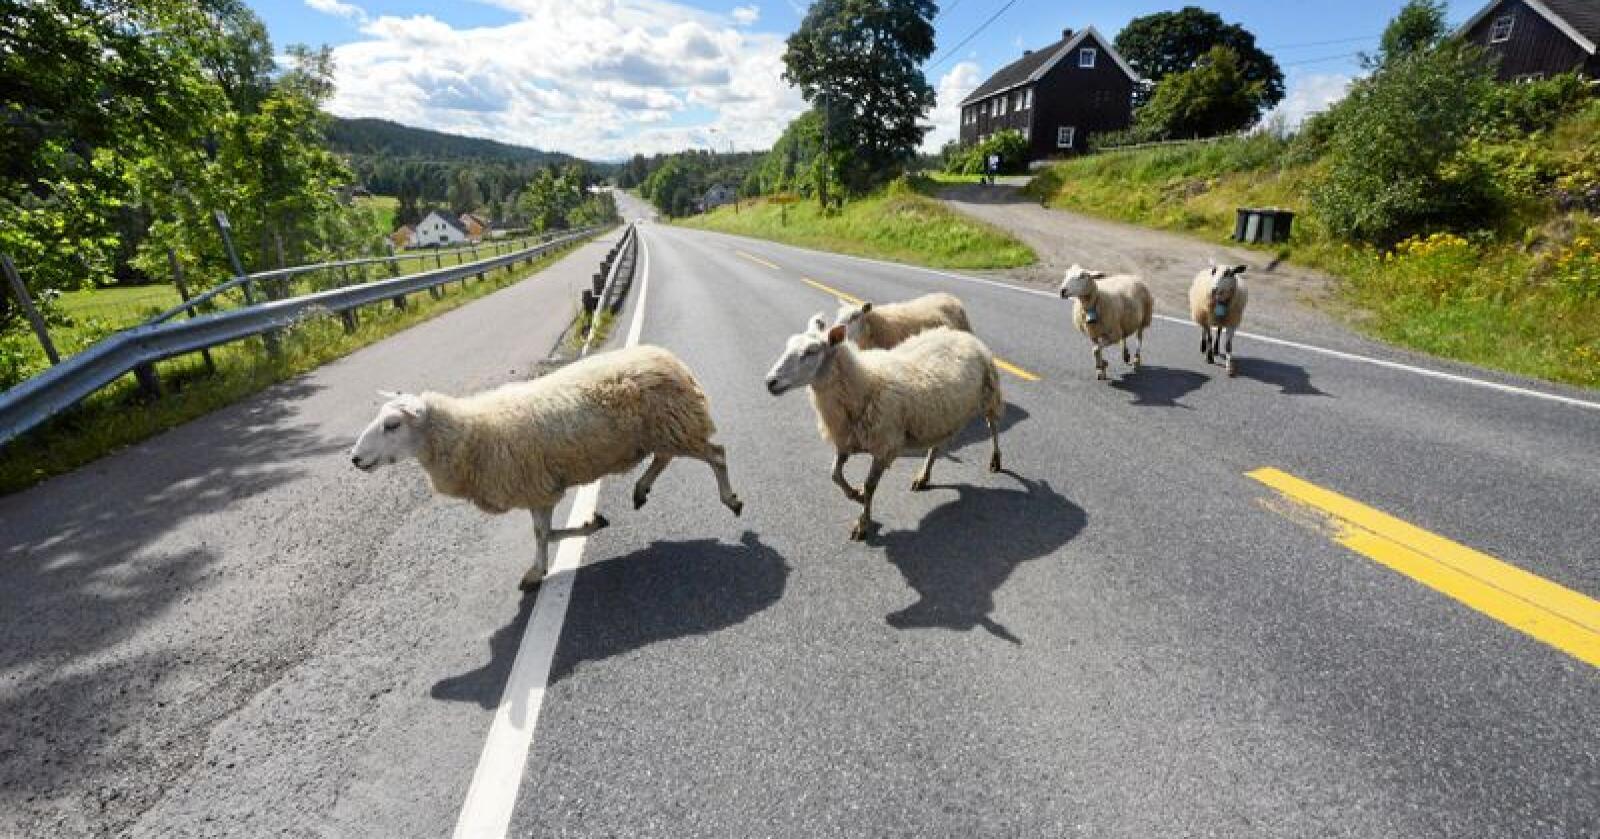 Meld fra dersom du er uheldig og kjører på en sau eller andre dyr, sier Gjensidige. Foto: Siri Juell Rasmussen